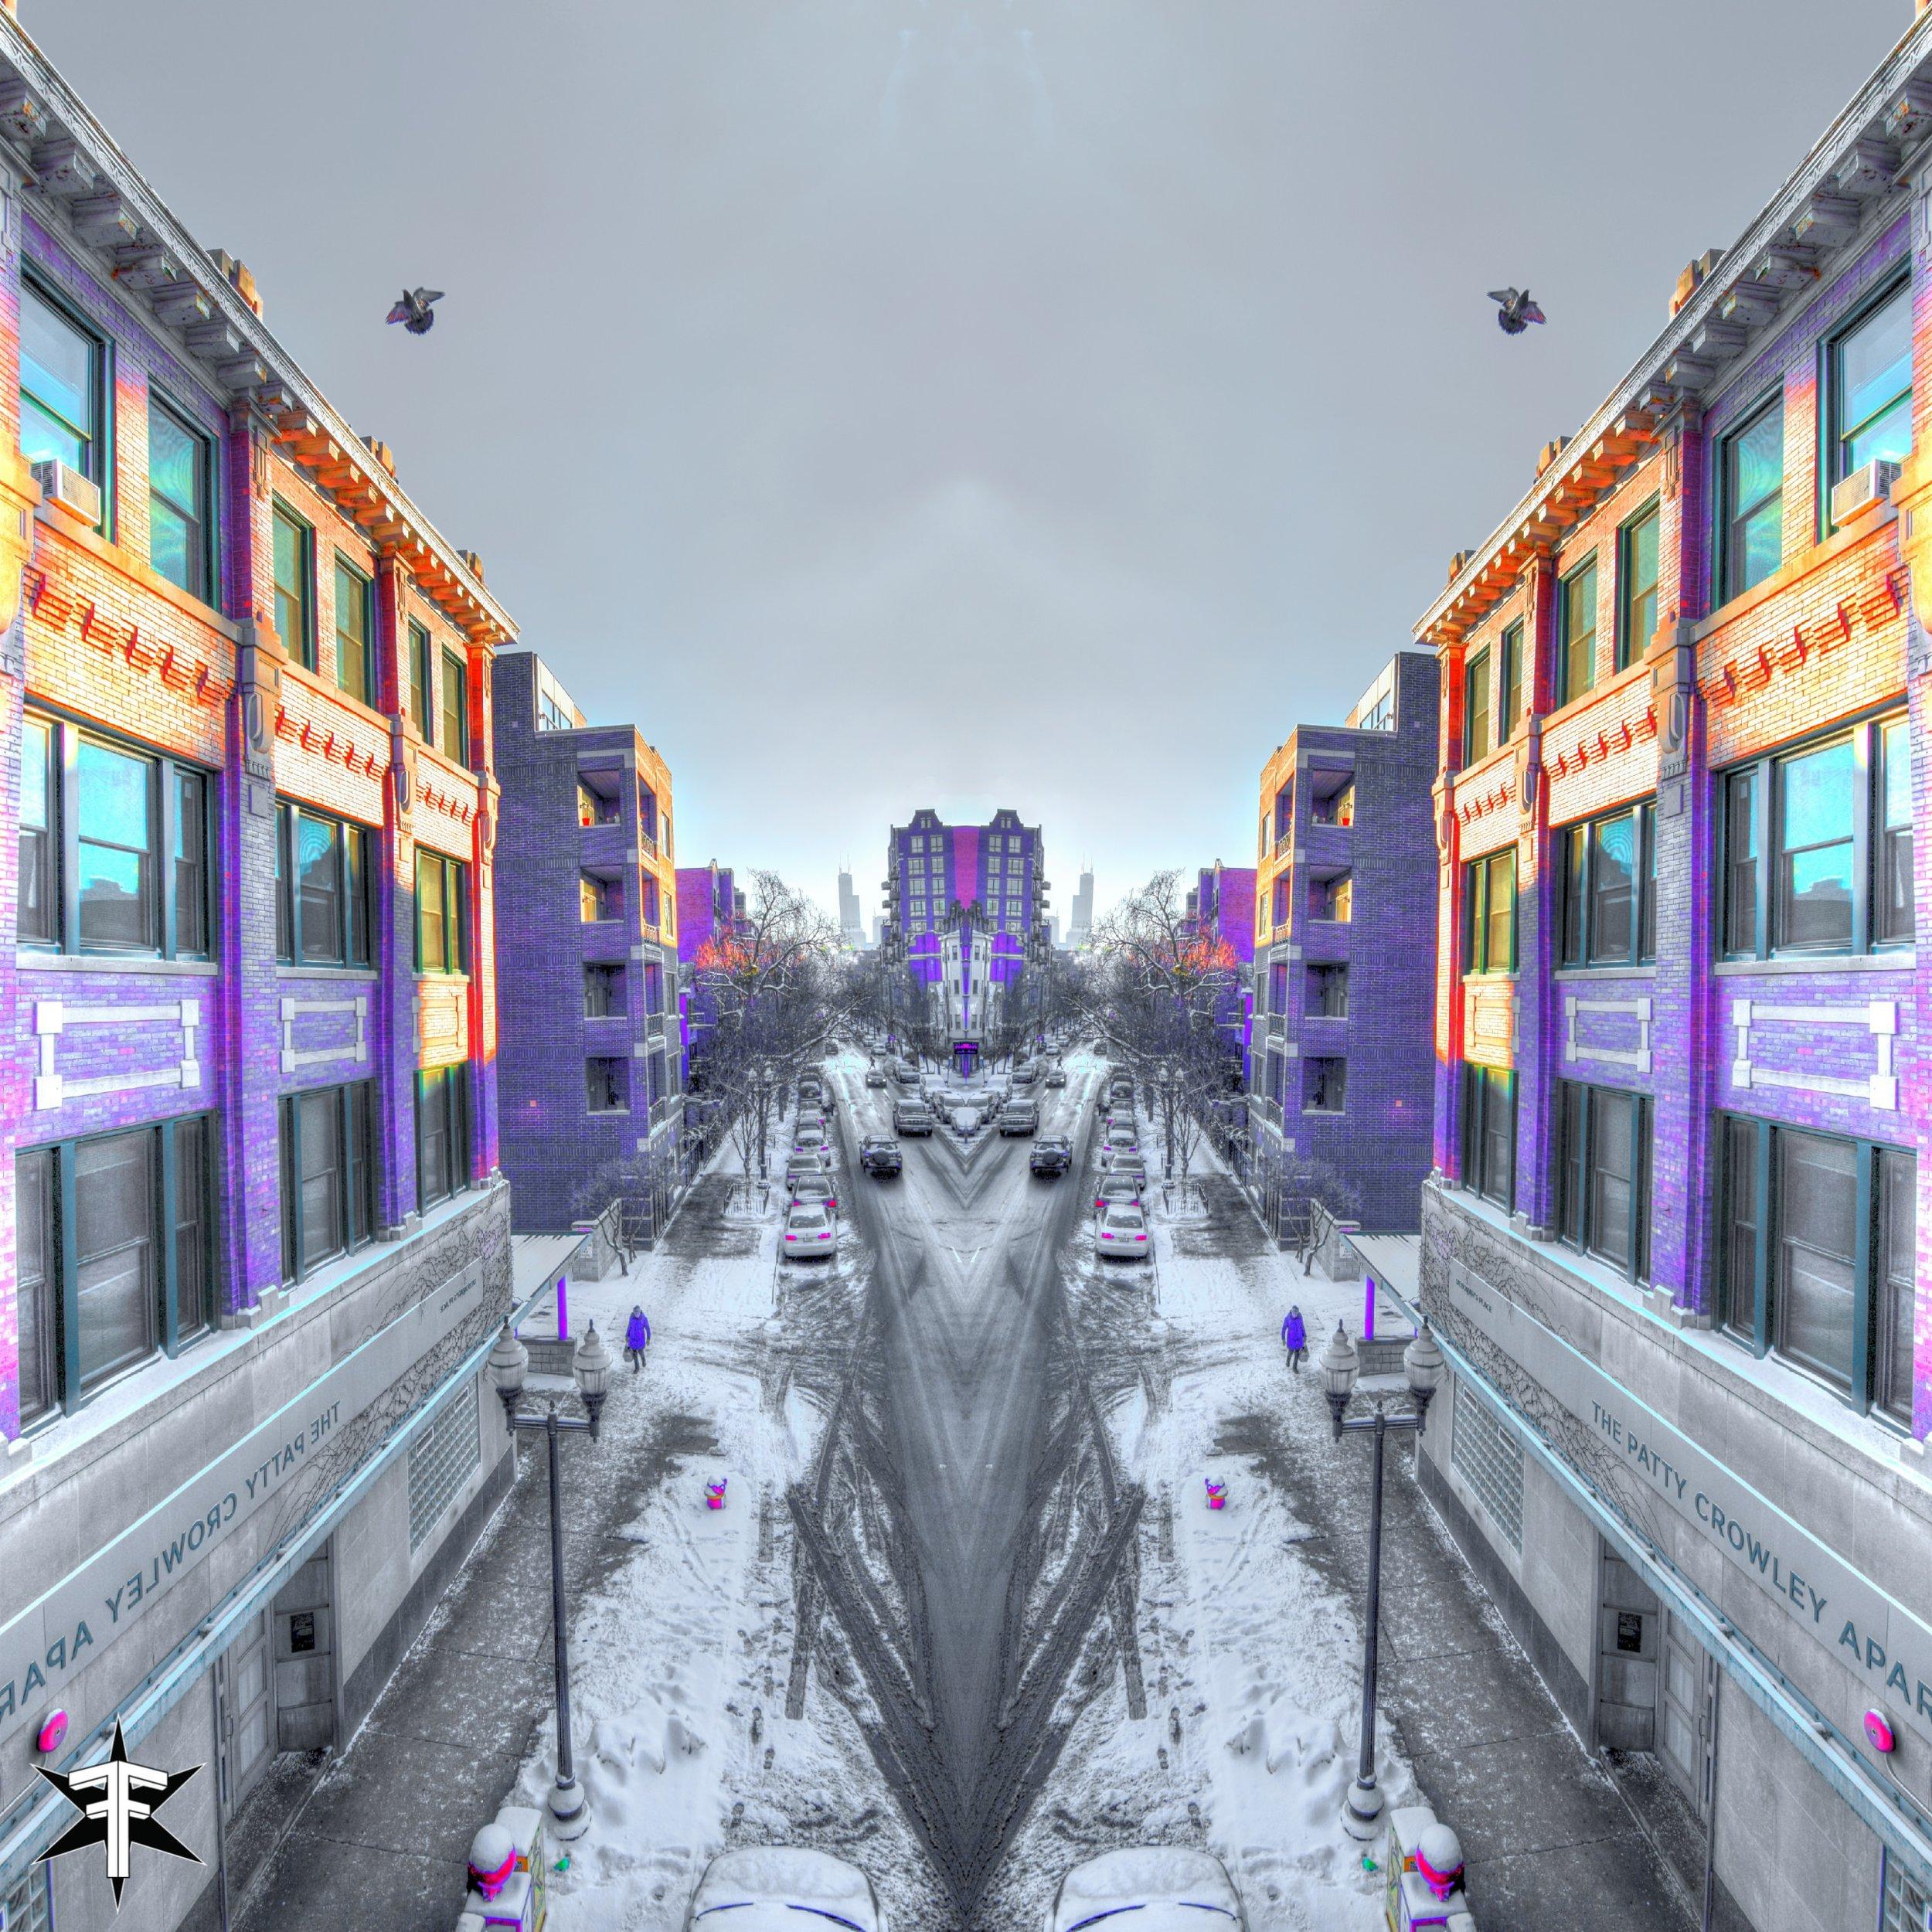 910_mirror2.jpg